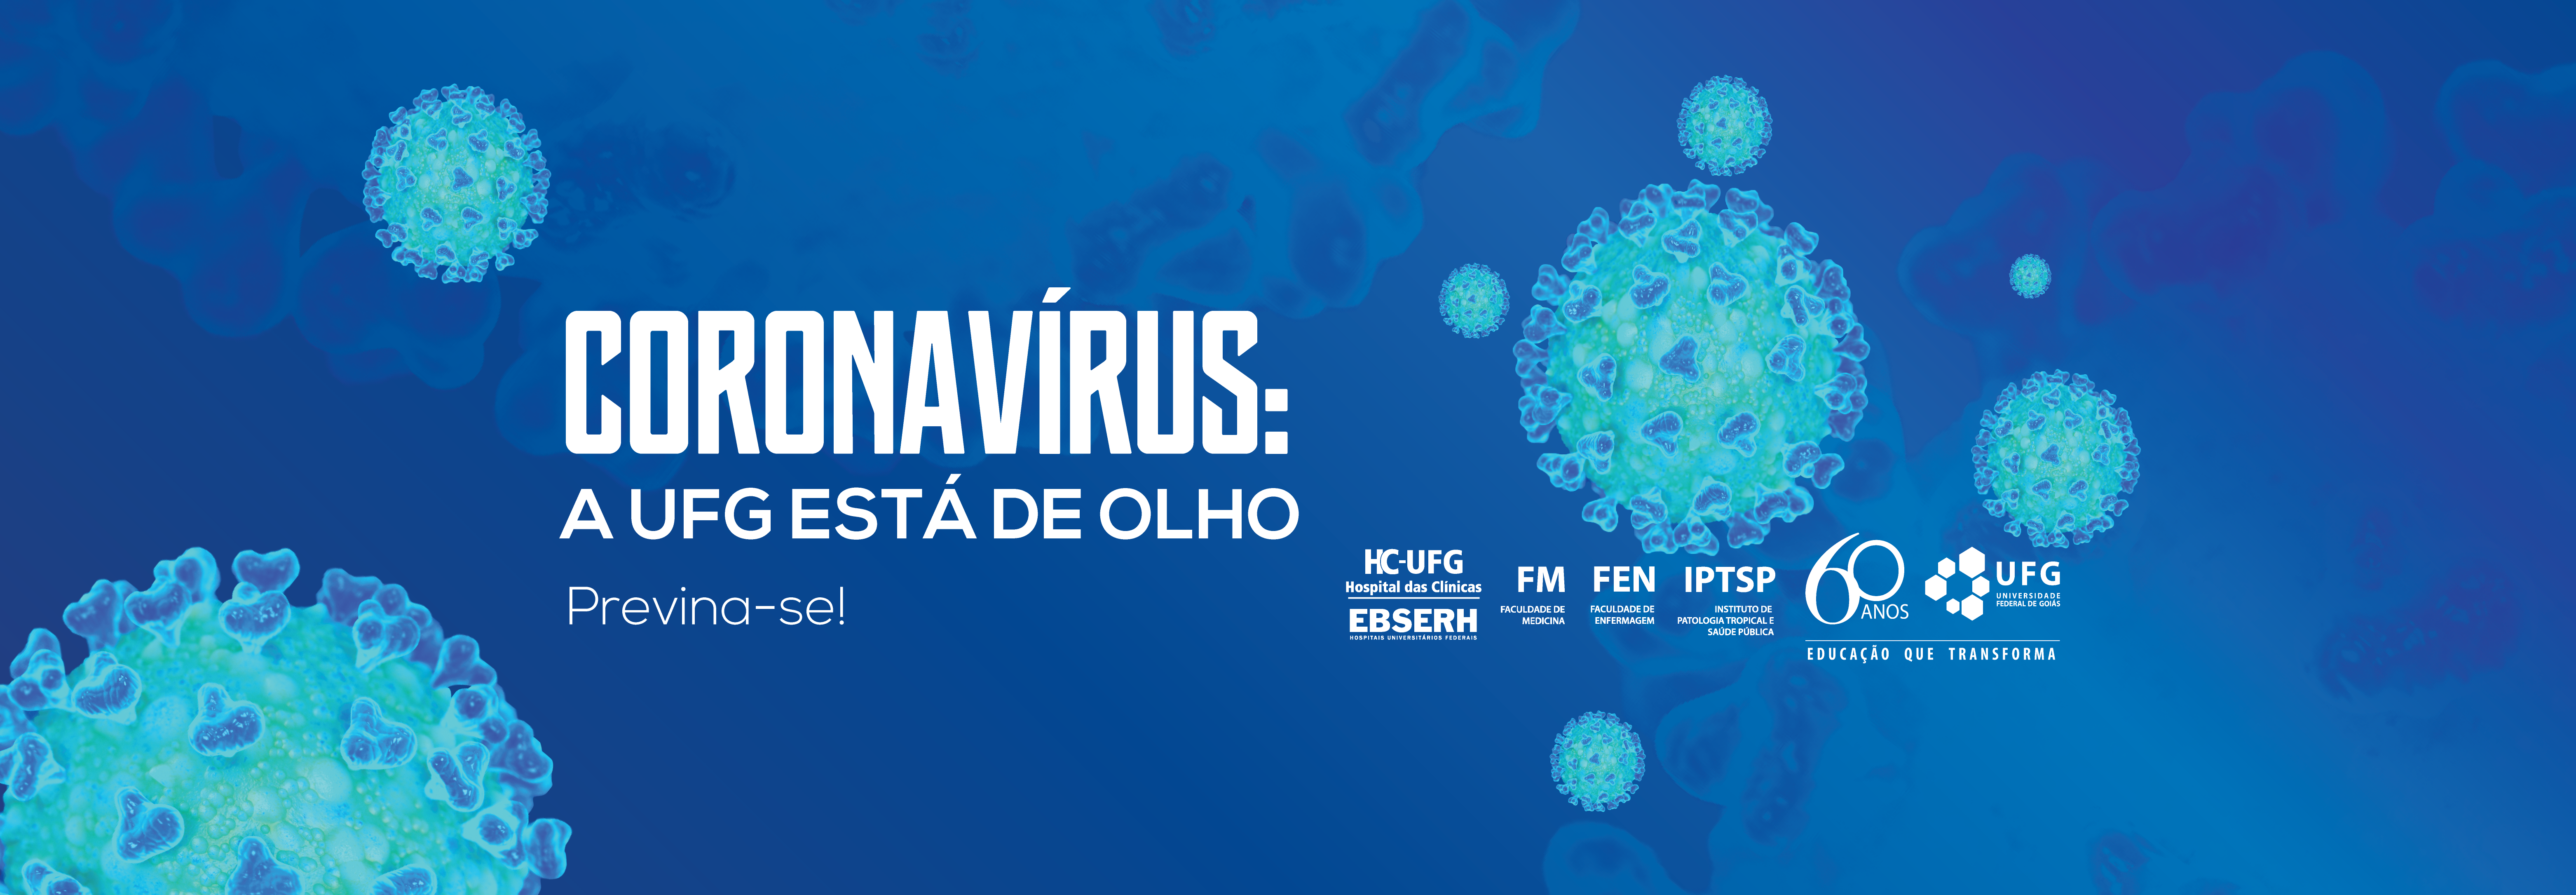 Coronavírus: a UFG está de olho. Previna-se!